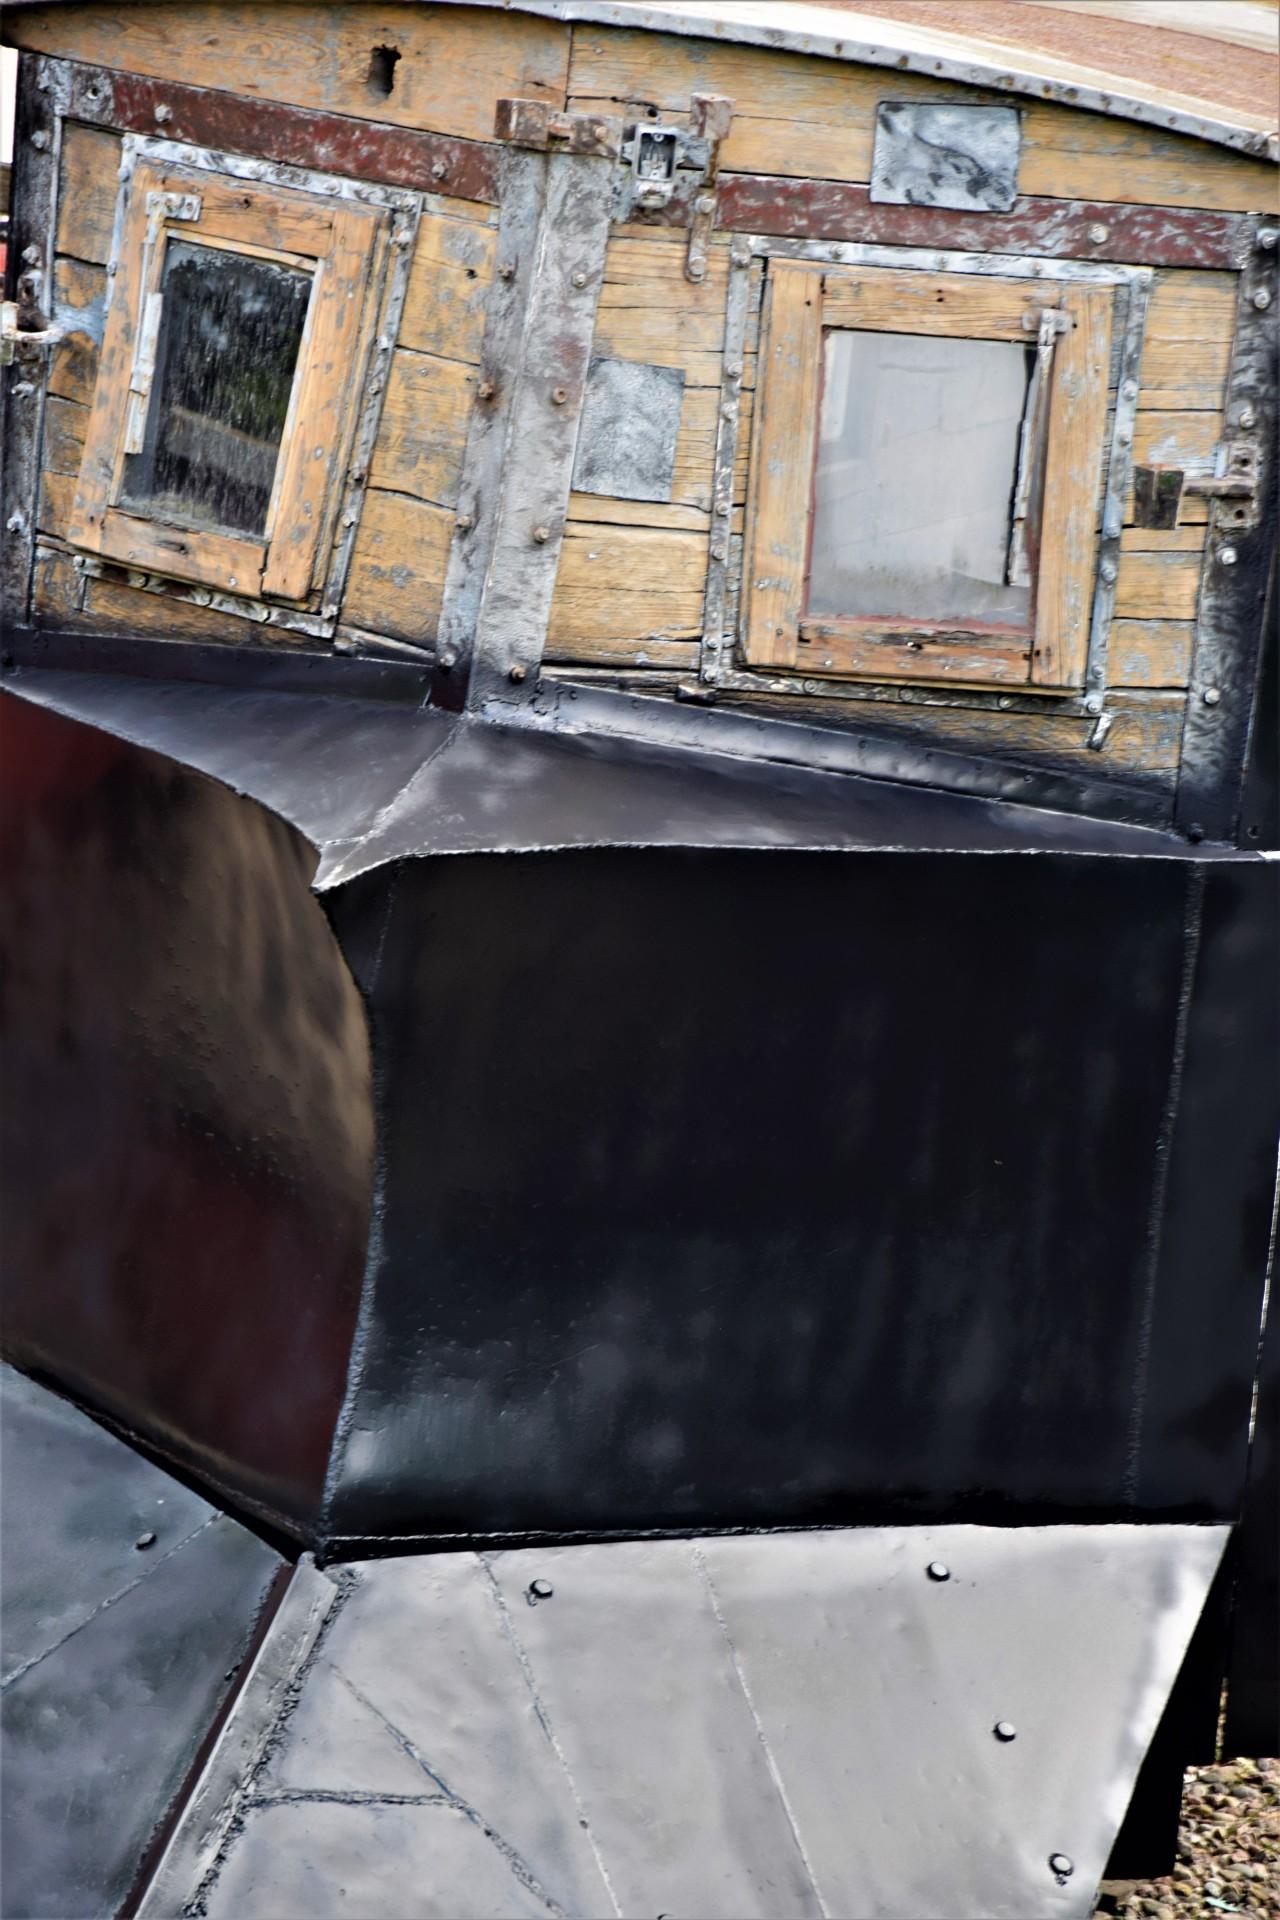 Kościerzyna. Muzeum Kolejnictwa. Para – buch! Koła – w ruch! 12